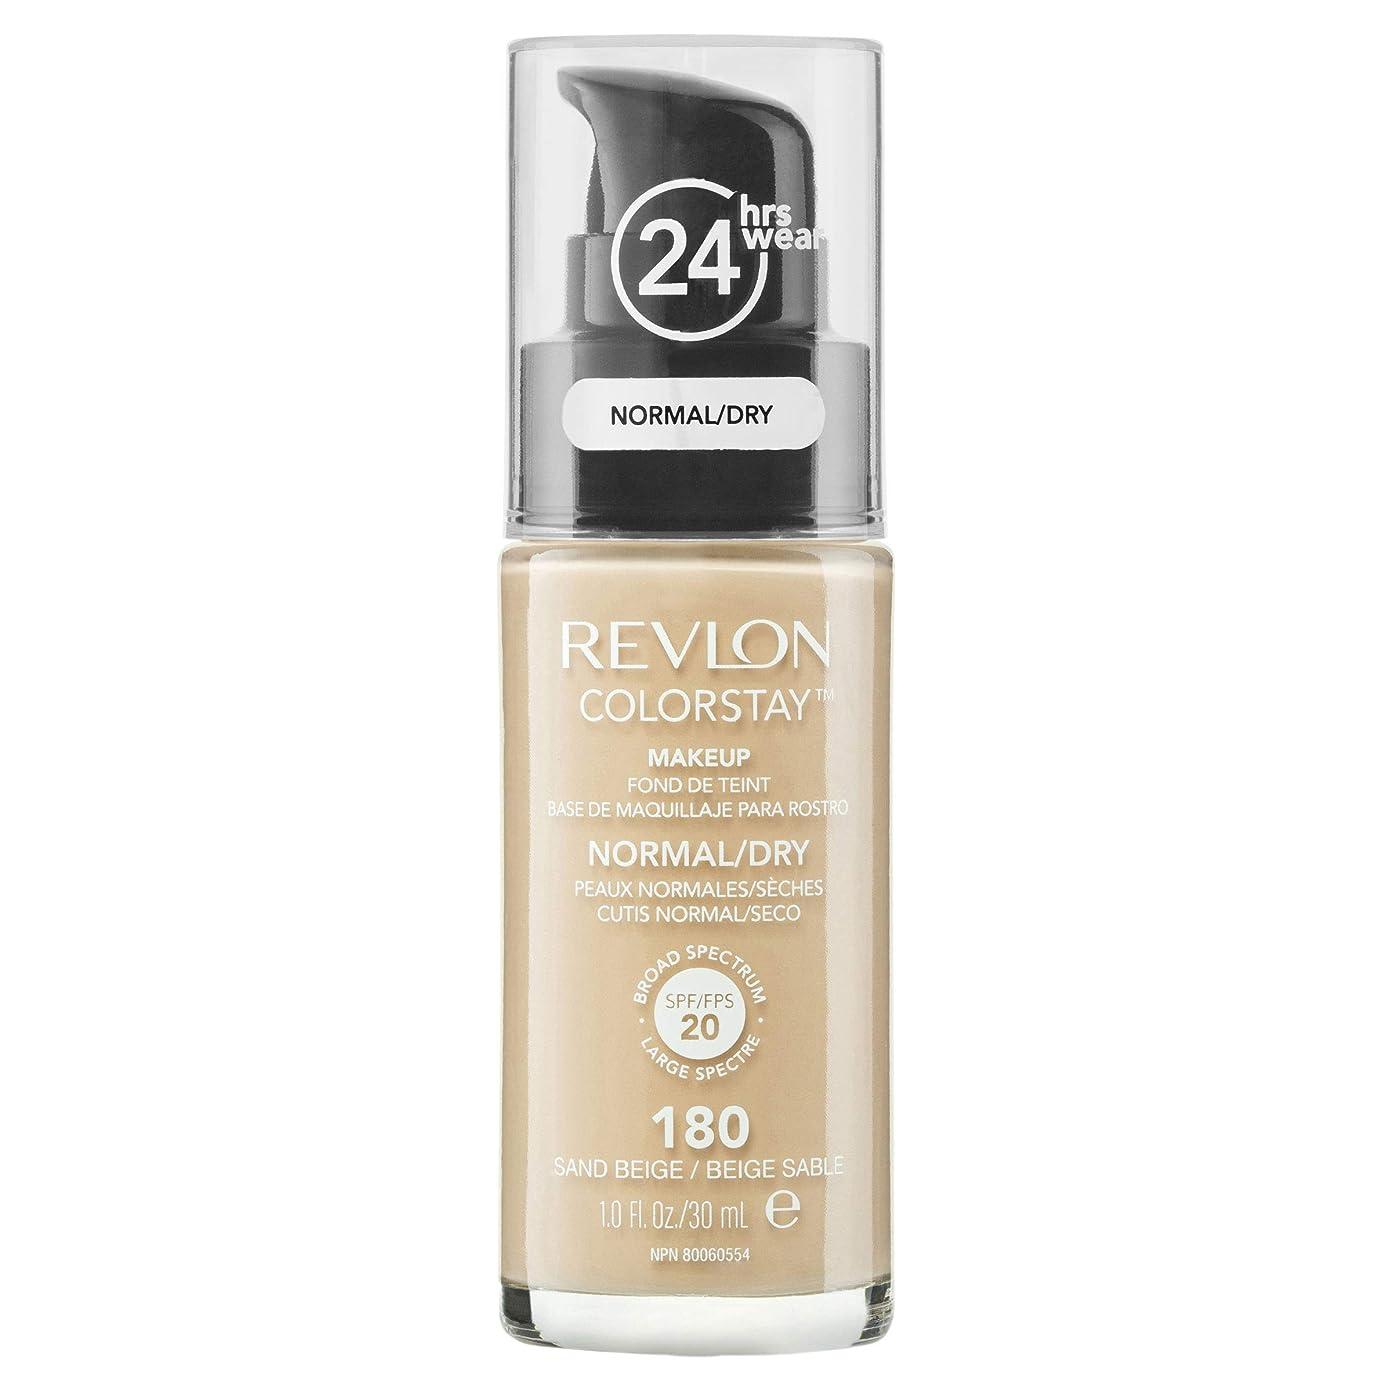 メディア天才胆嚢(180 Sand Beige) - Revlon Colorstay 24 Hours Makeup Foundation With Pump 30ml Please Choose Shade